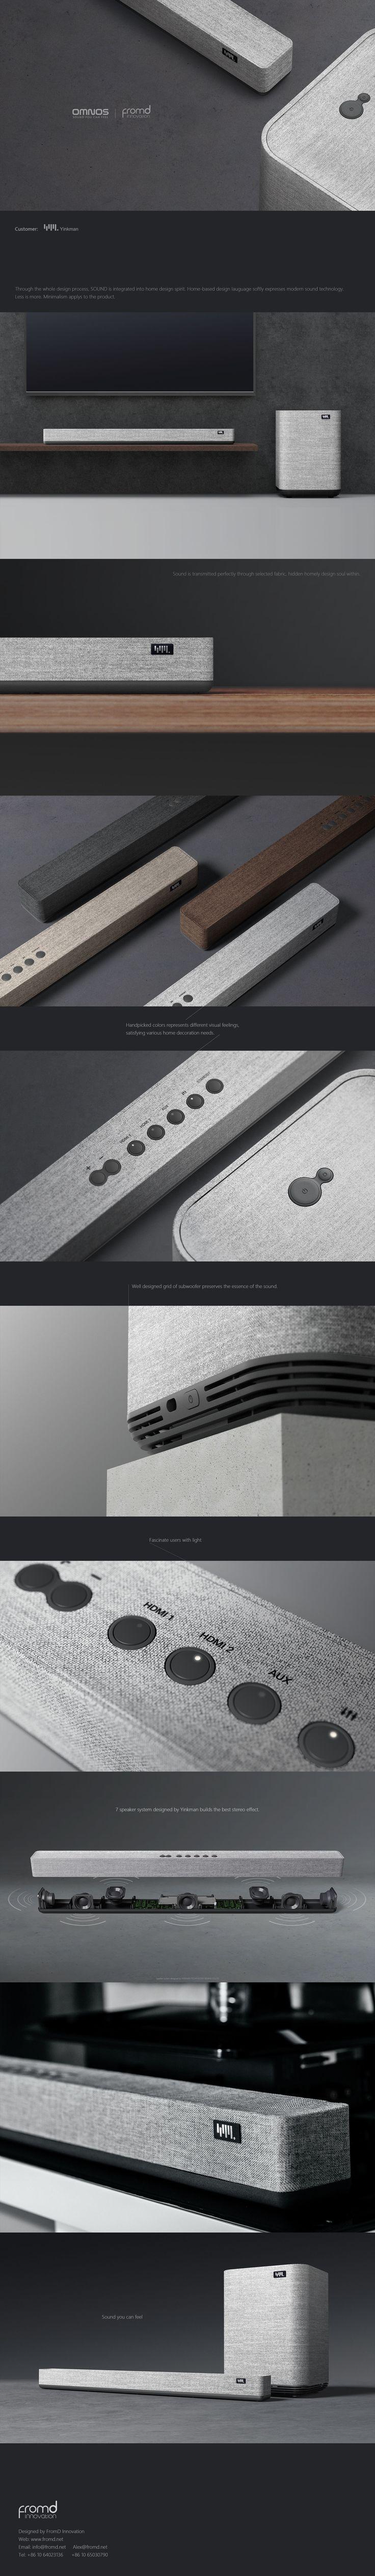 Product Design: Soundbar U0026 Subwoofer On Behance